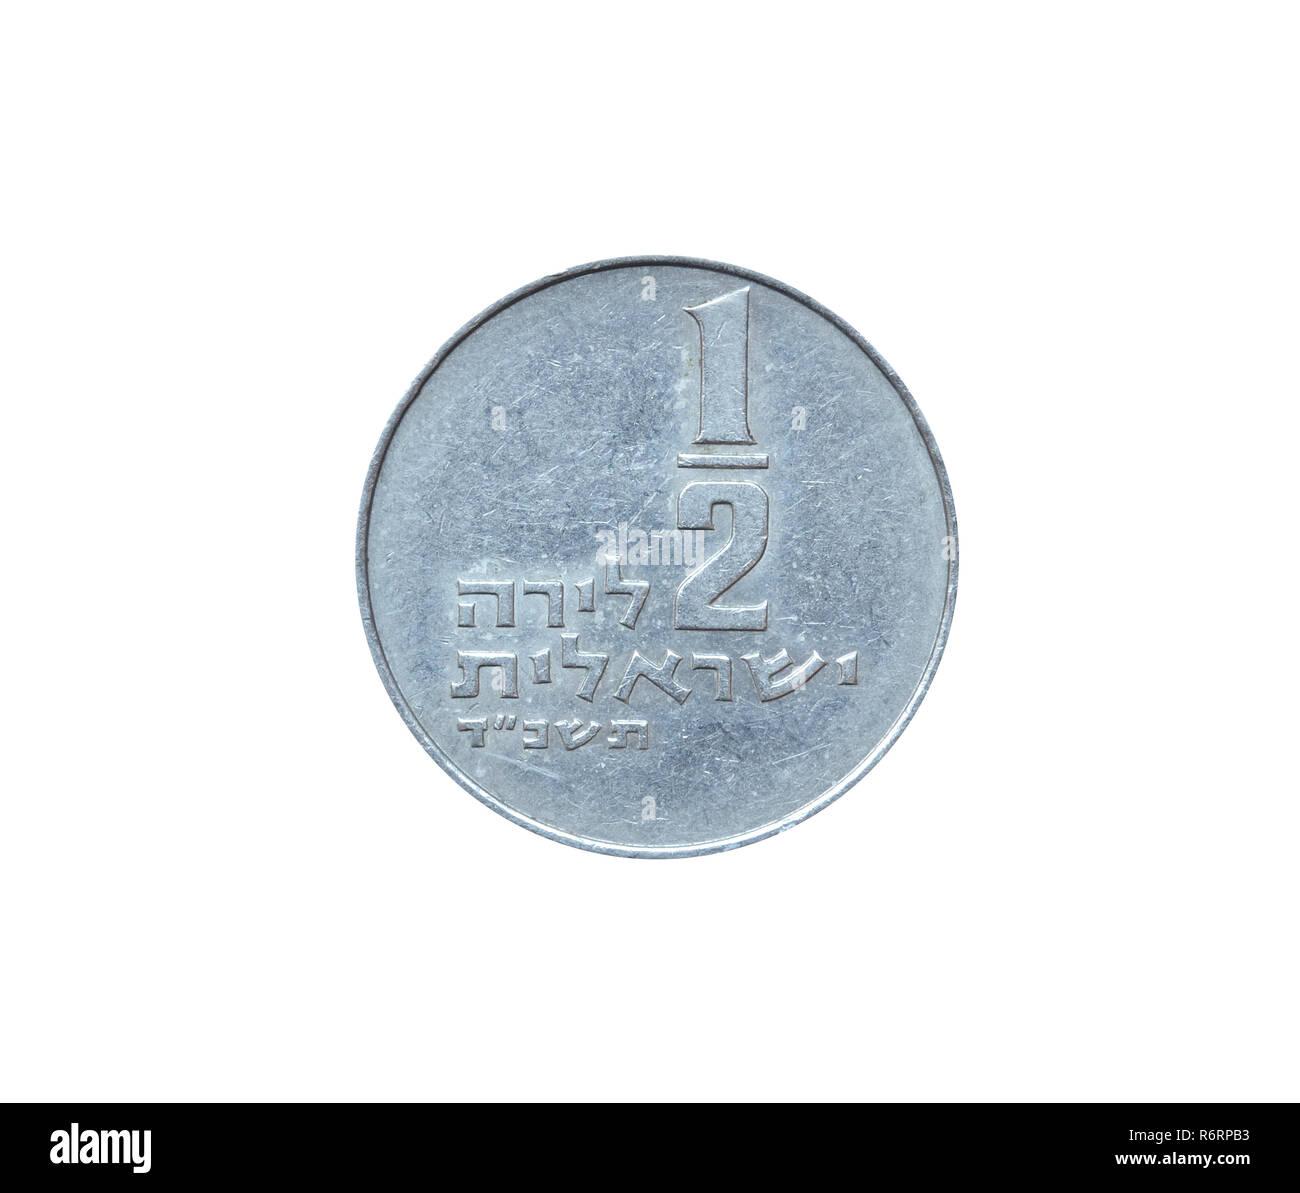 Rückseite Der Halbe Lira Münze Von Israel Gemacht Das Zeigt Wert